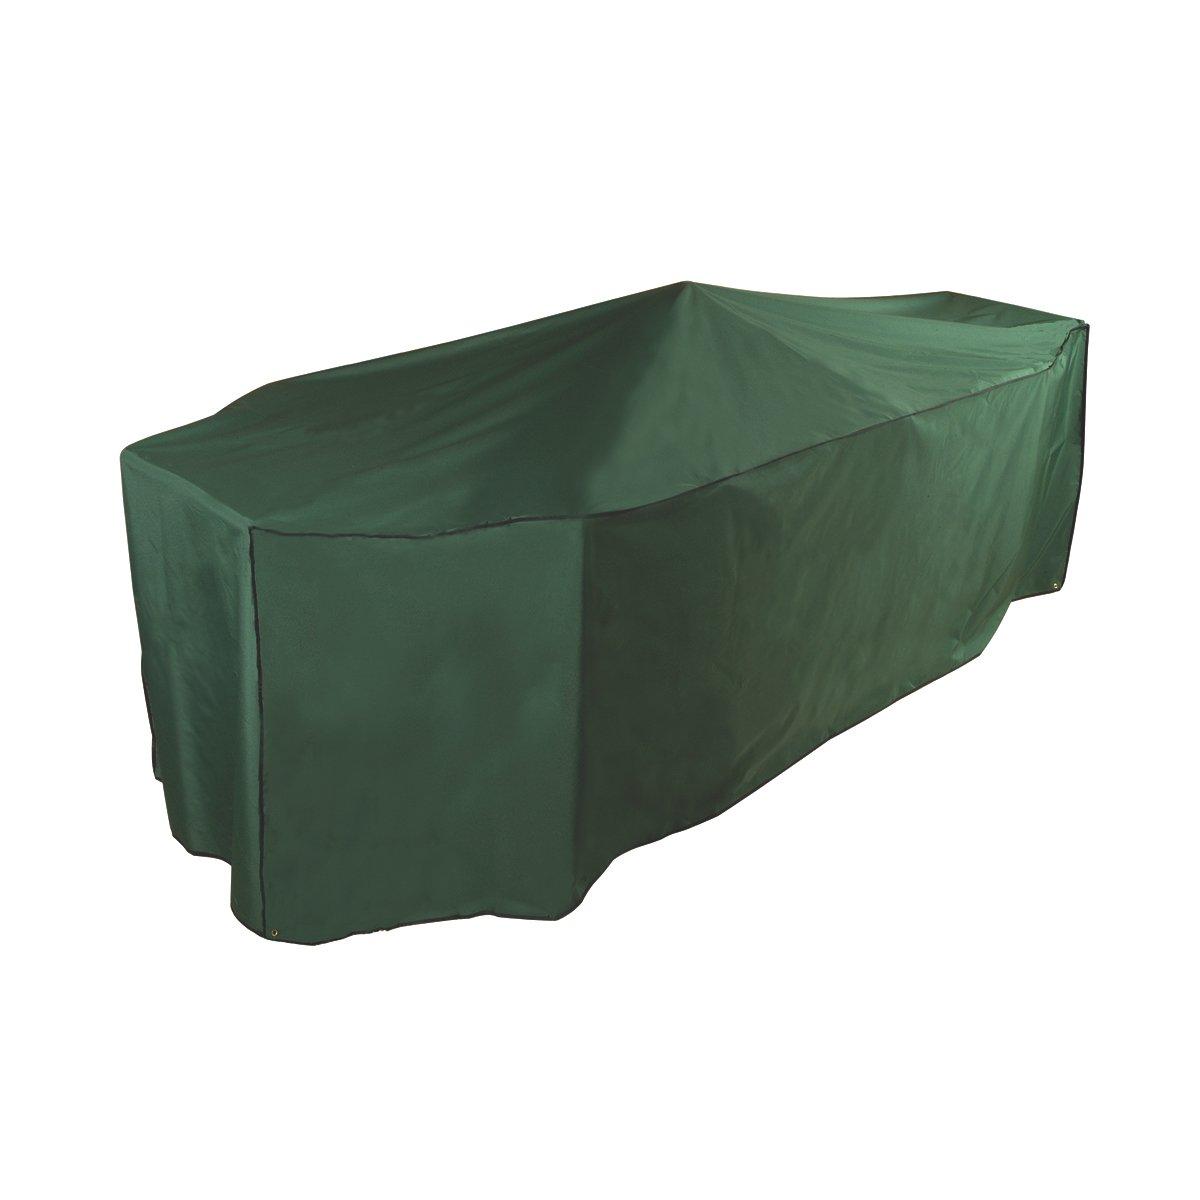 Bosmere P035 De-luxe-Schutzhülle für rechteckige Tischgruppe online kaufen